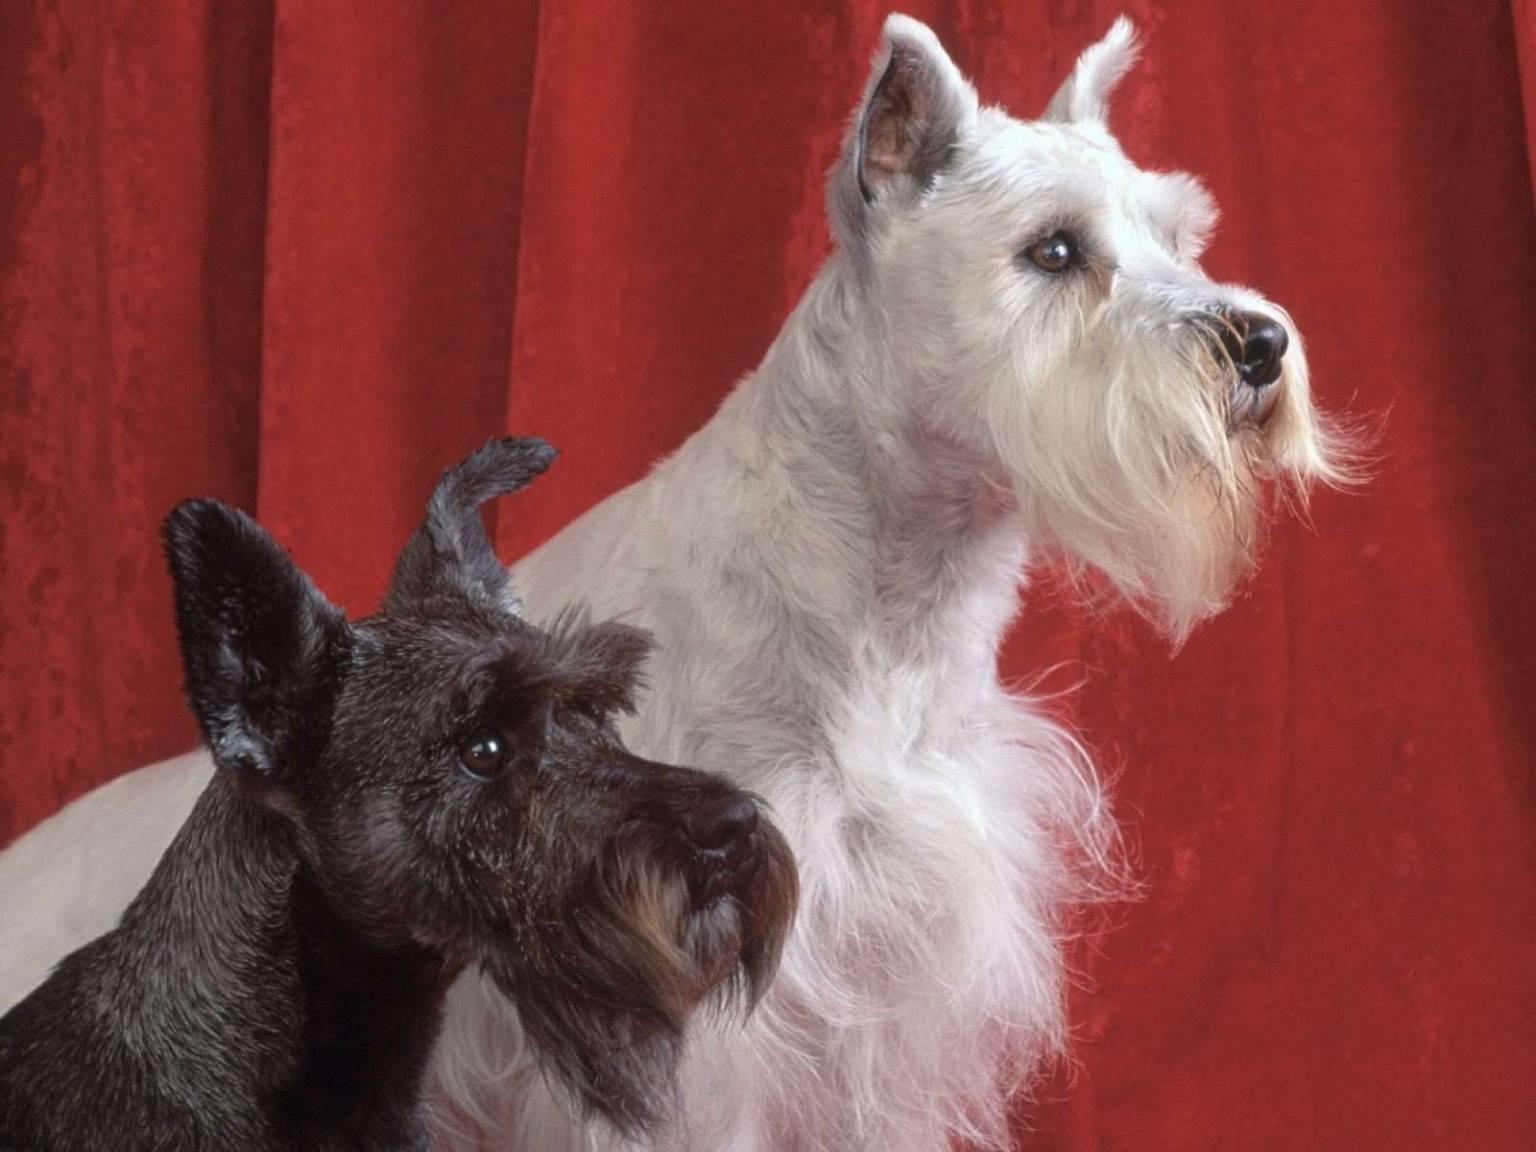 Цвергшнауцер: фото собаки, плюсы и минусы породы, окрасы, все о породе